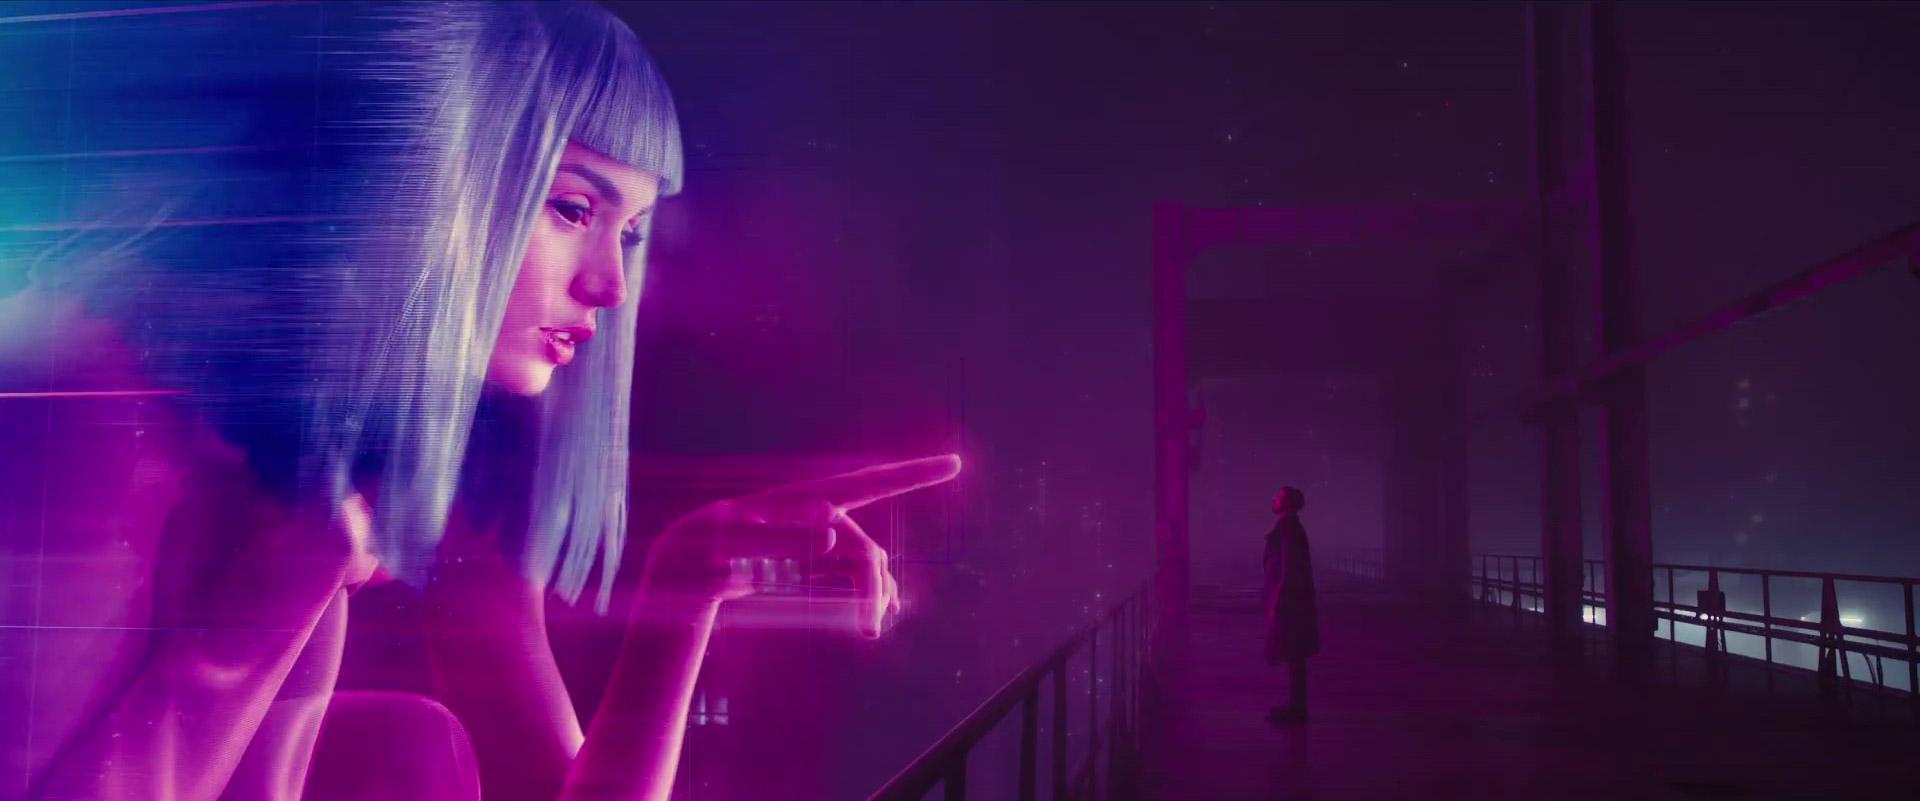 Trailer Blade Runner